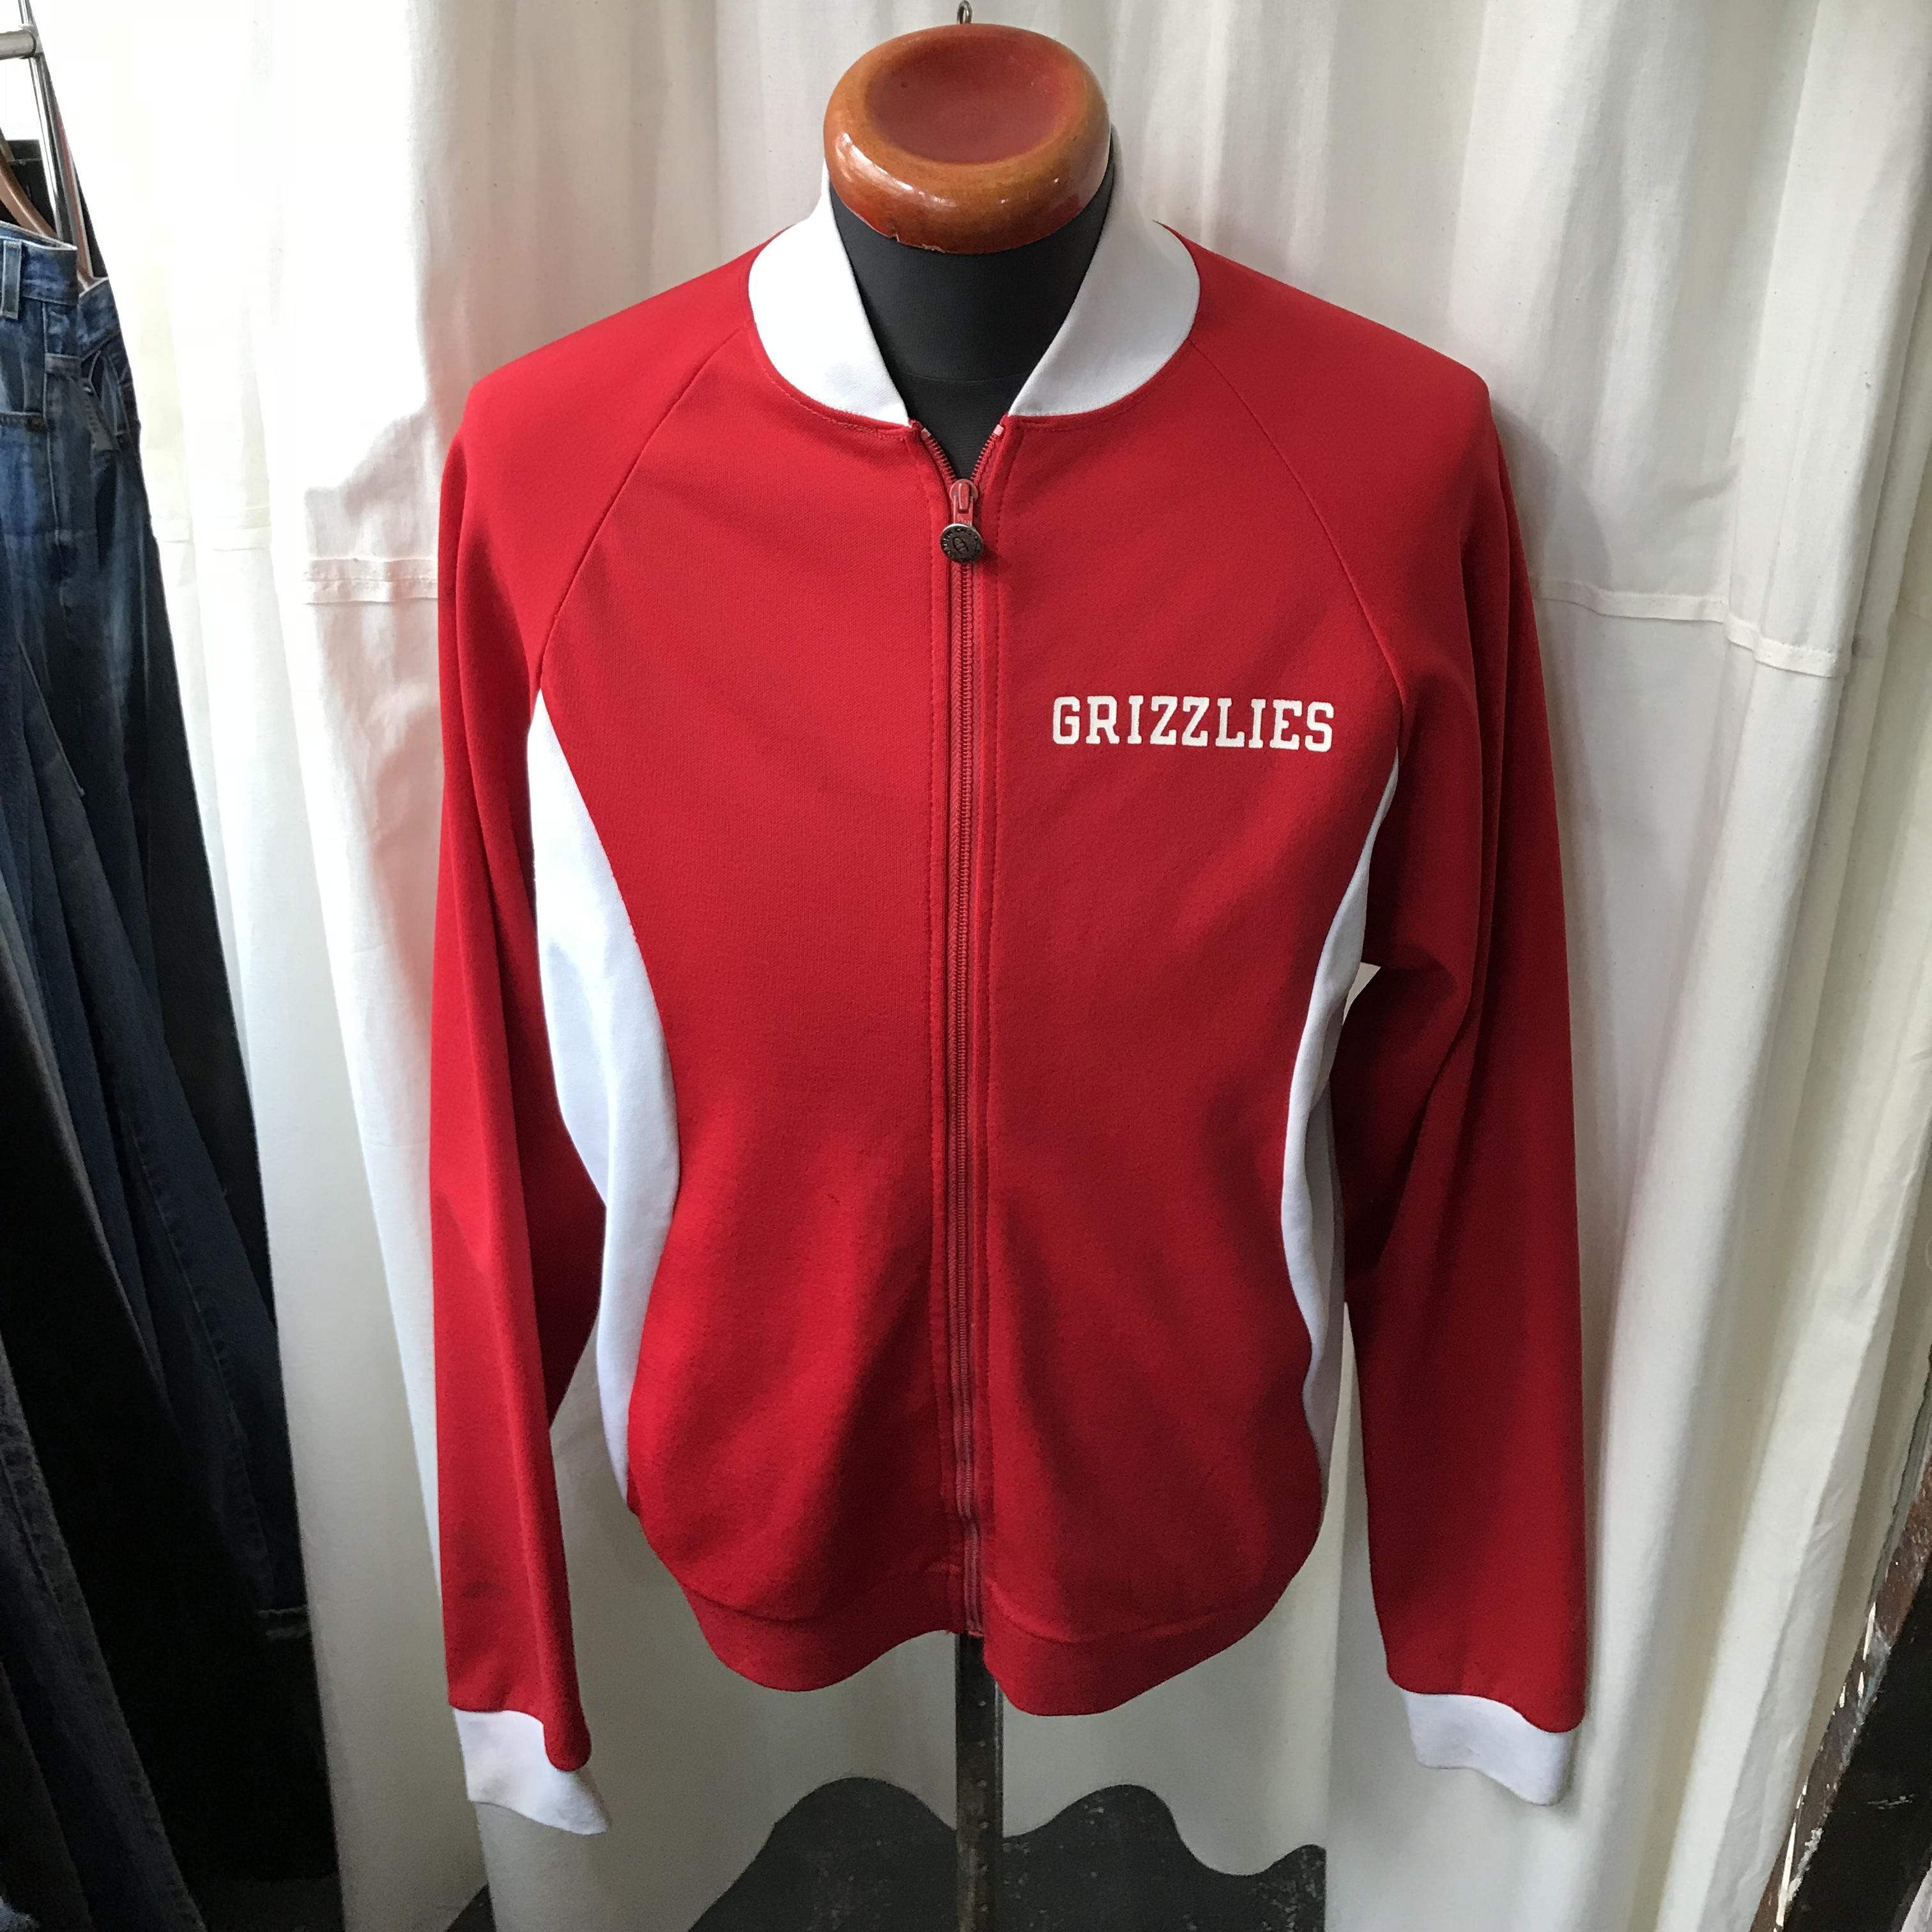 70's~80's  vintage champion チャンピオン トラックジャケット ジャージ メンズL